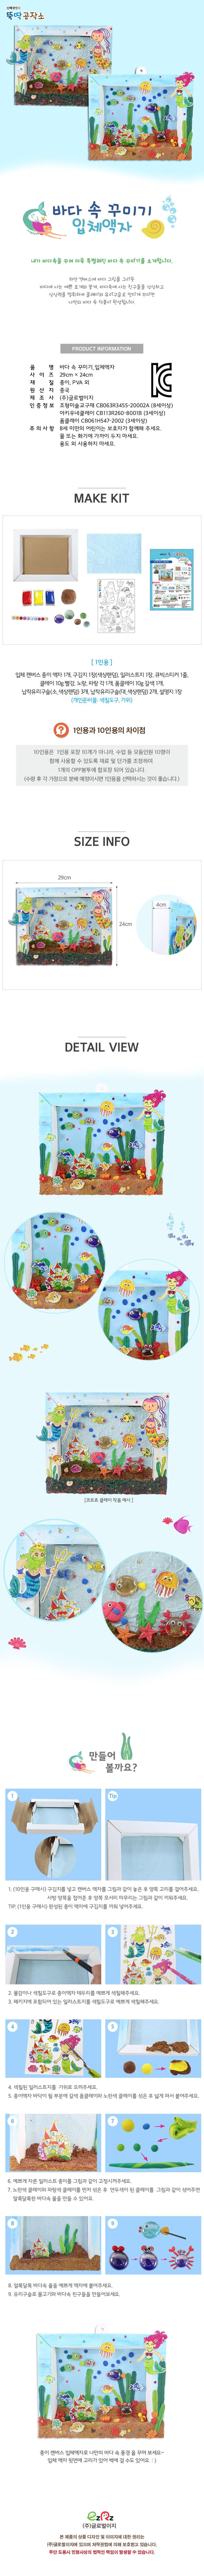 바다 속 꾸미기_입체 액자 (1인용) - 이지피아, 4,550원, 종이공예/북아트, 종이공예 패키지